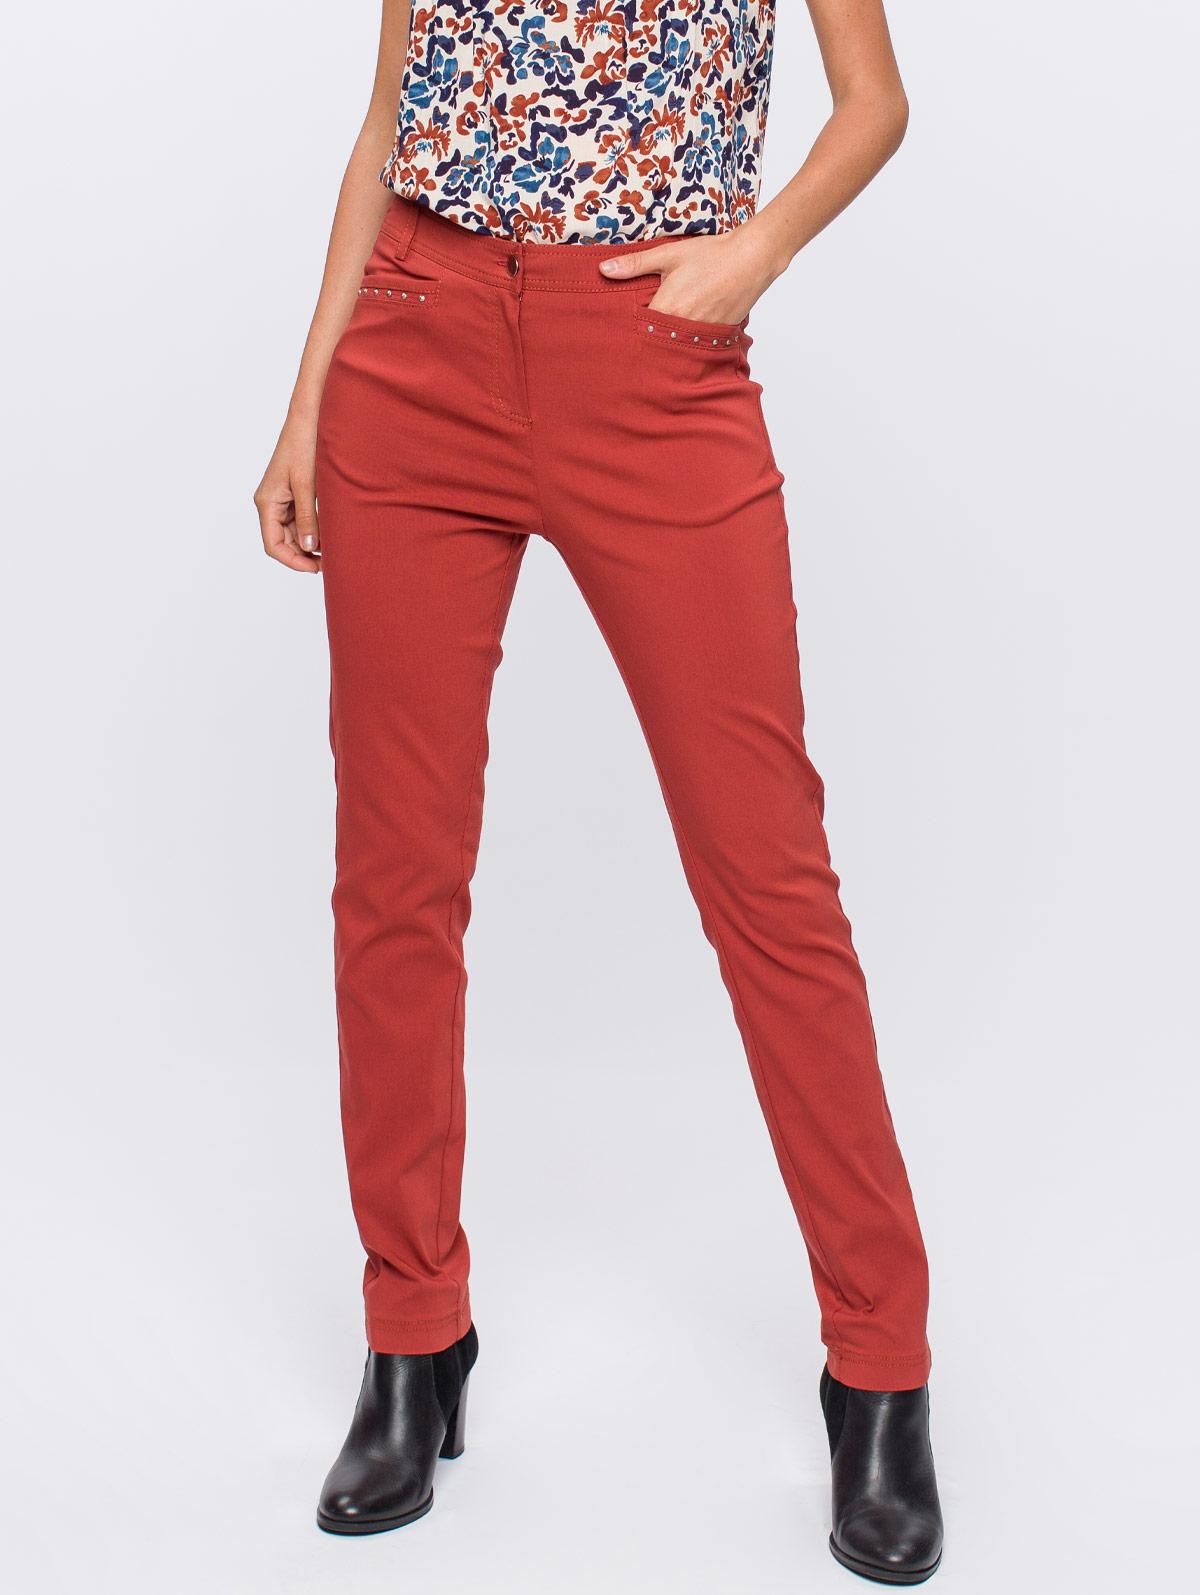 Pantalon bengaline clous poches - maboutiqueplus